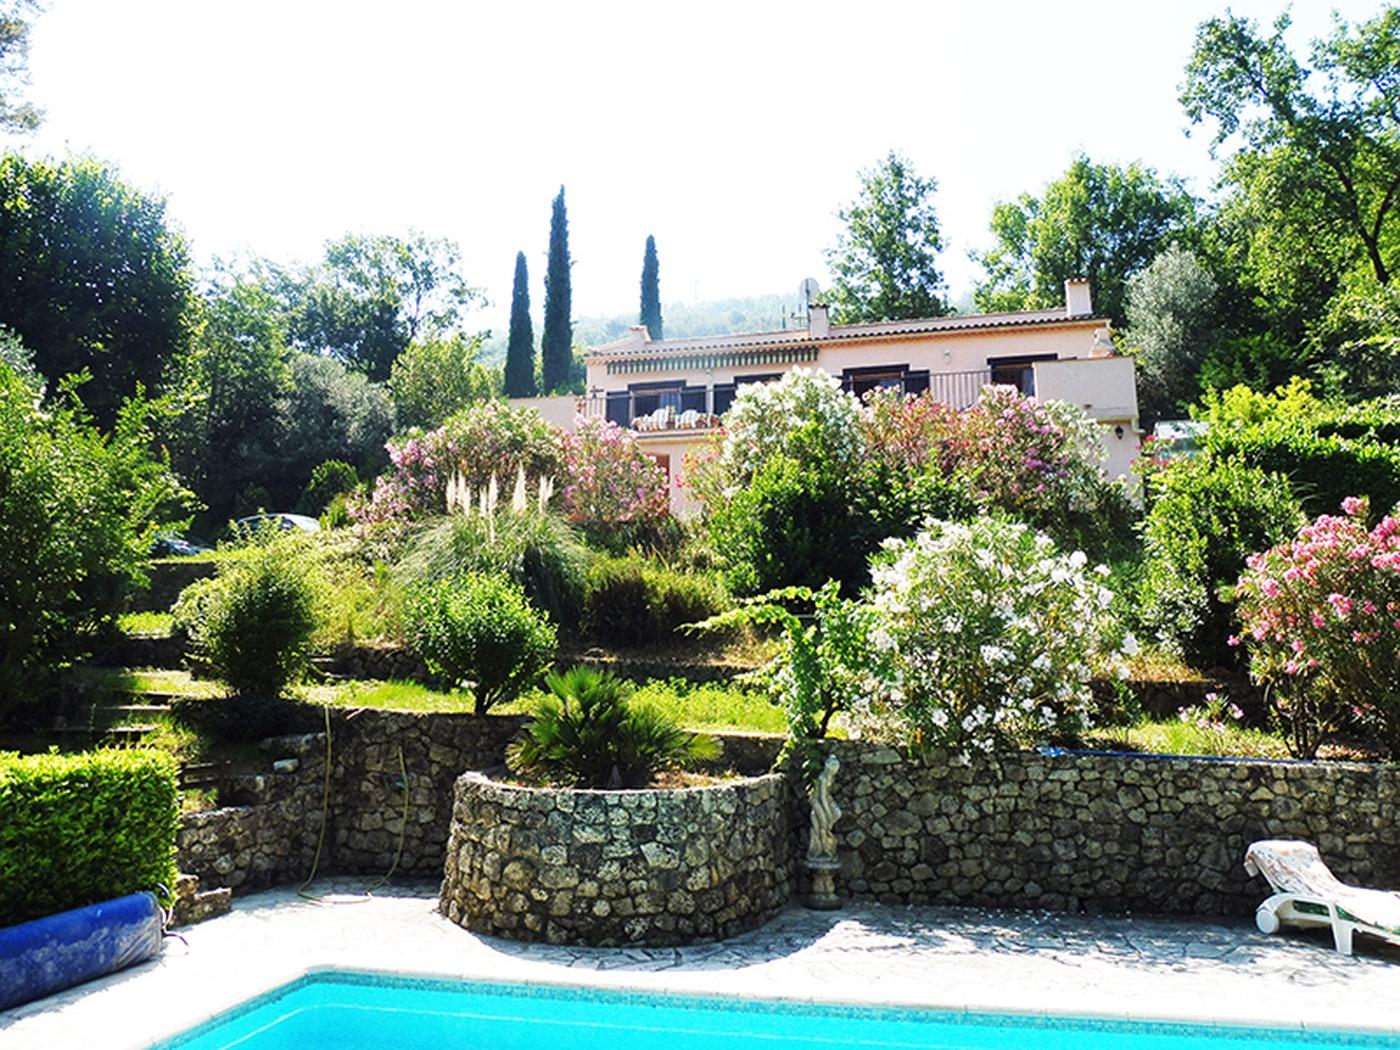 Dimension Terrain De Petanque Maison achat maison 160 m2 le bar-sur-loup (06620), 6 pièces